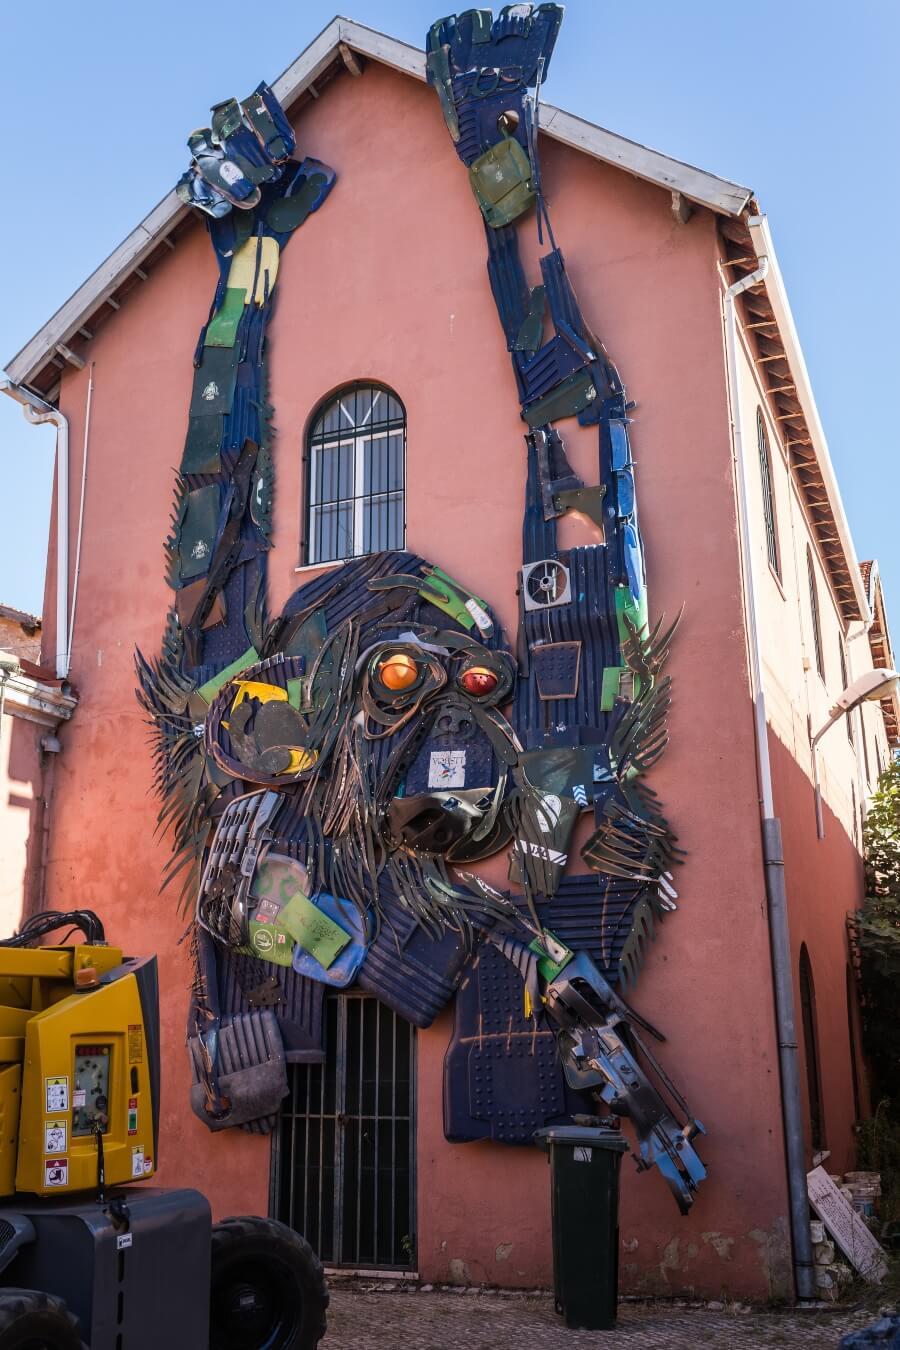 La publicación que recopila lo mejor del street art portugués